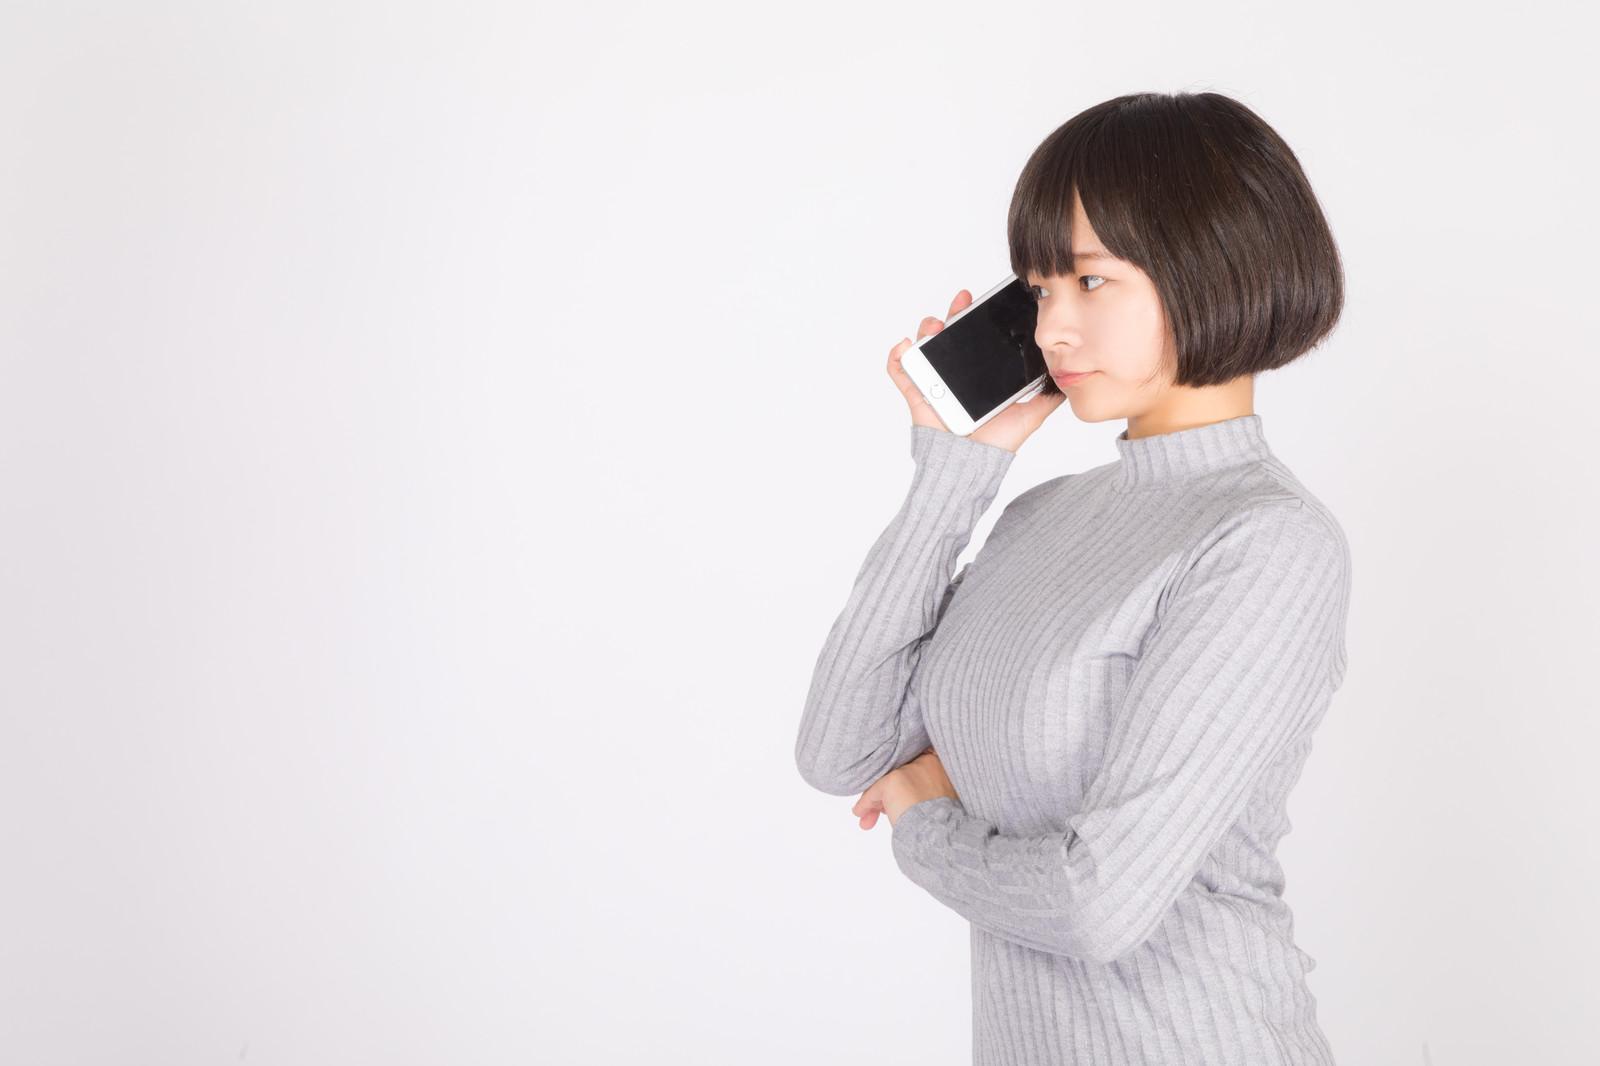 ネクストモバイル 解約 電話